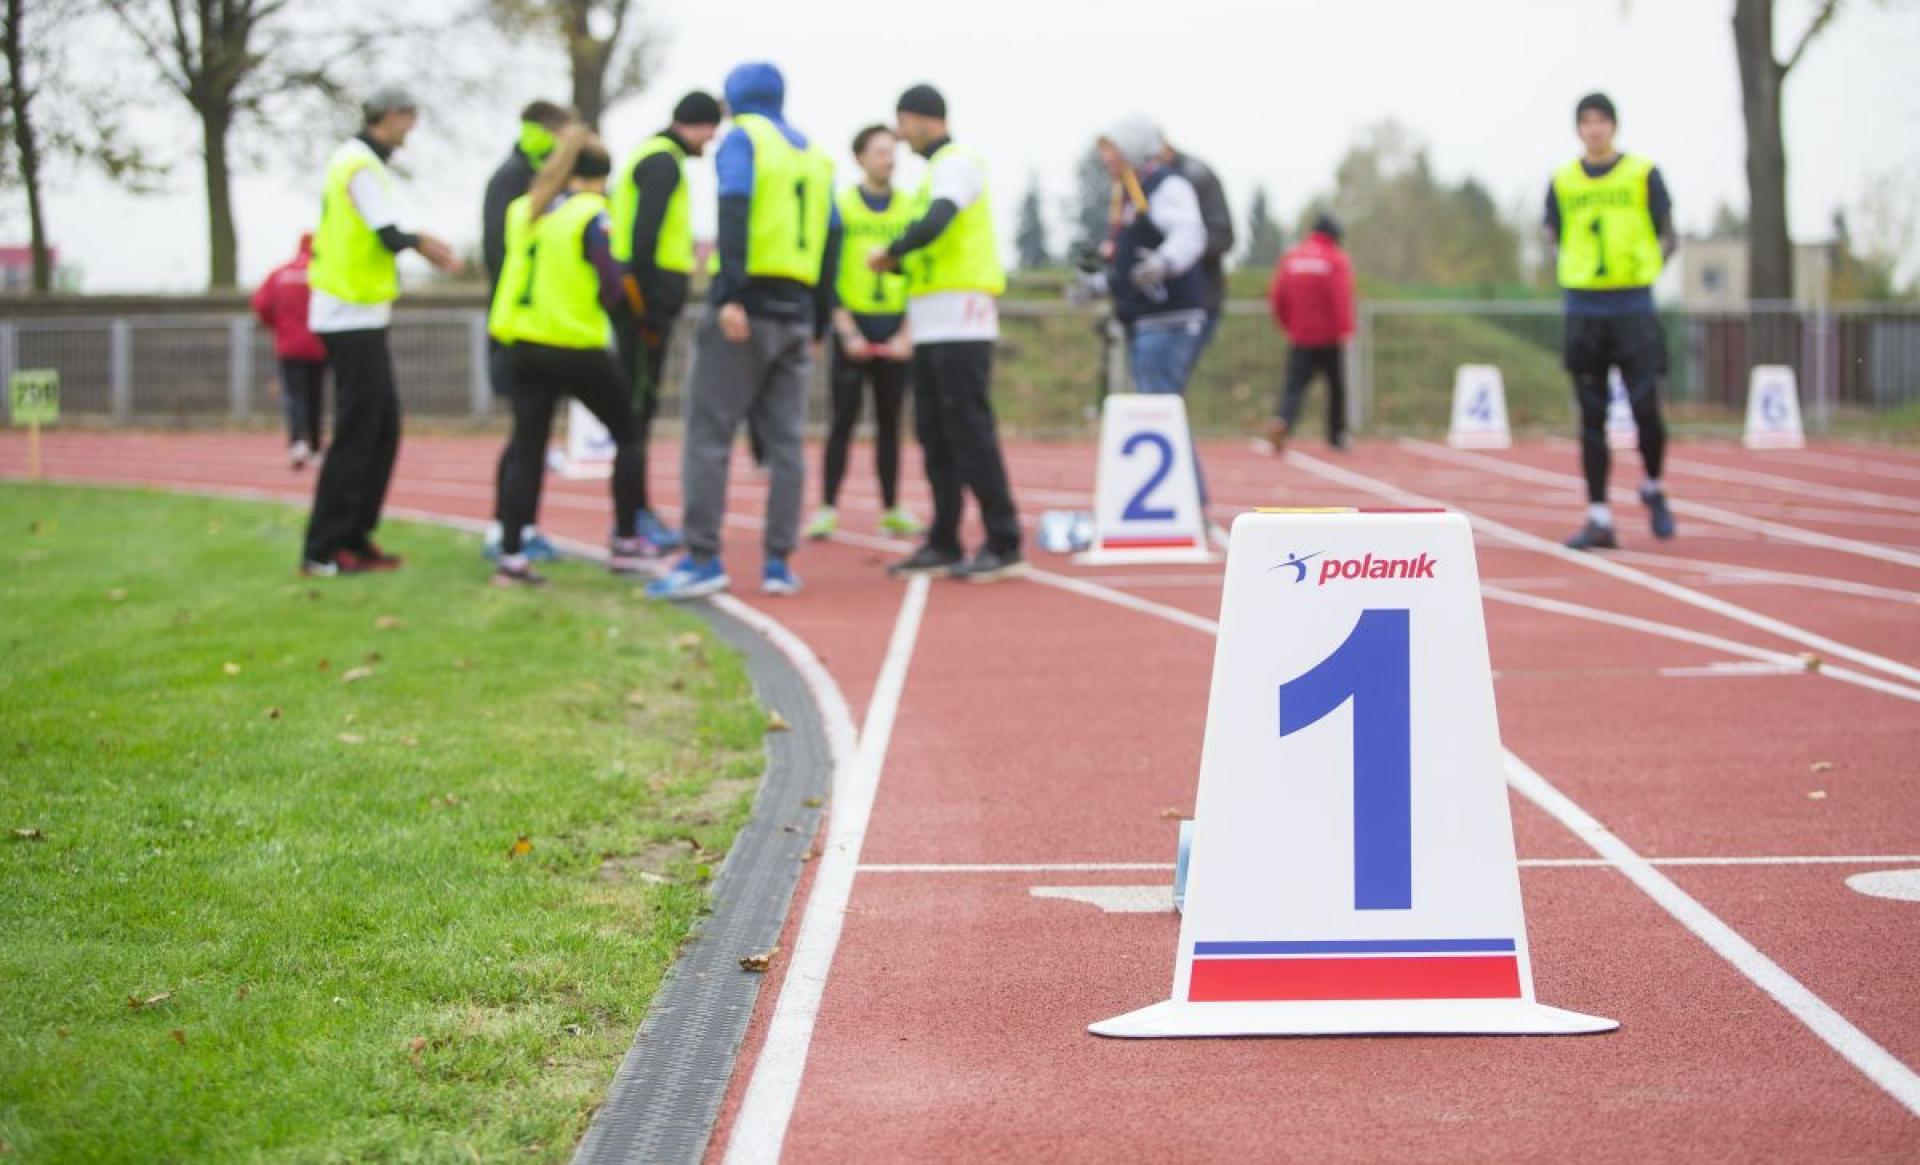 Bieżnia lekkoatletyczna zawody